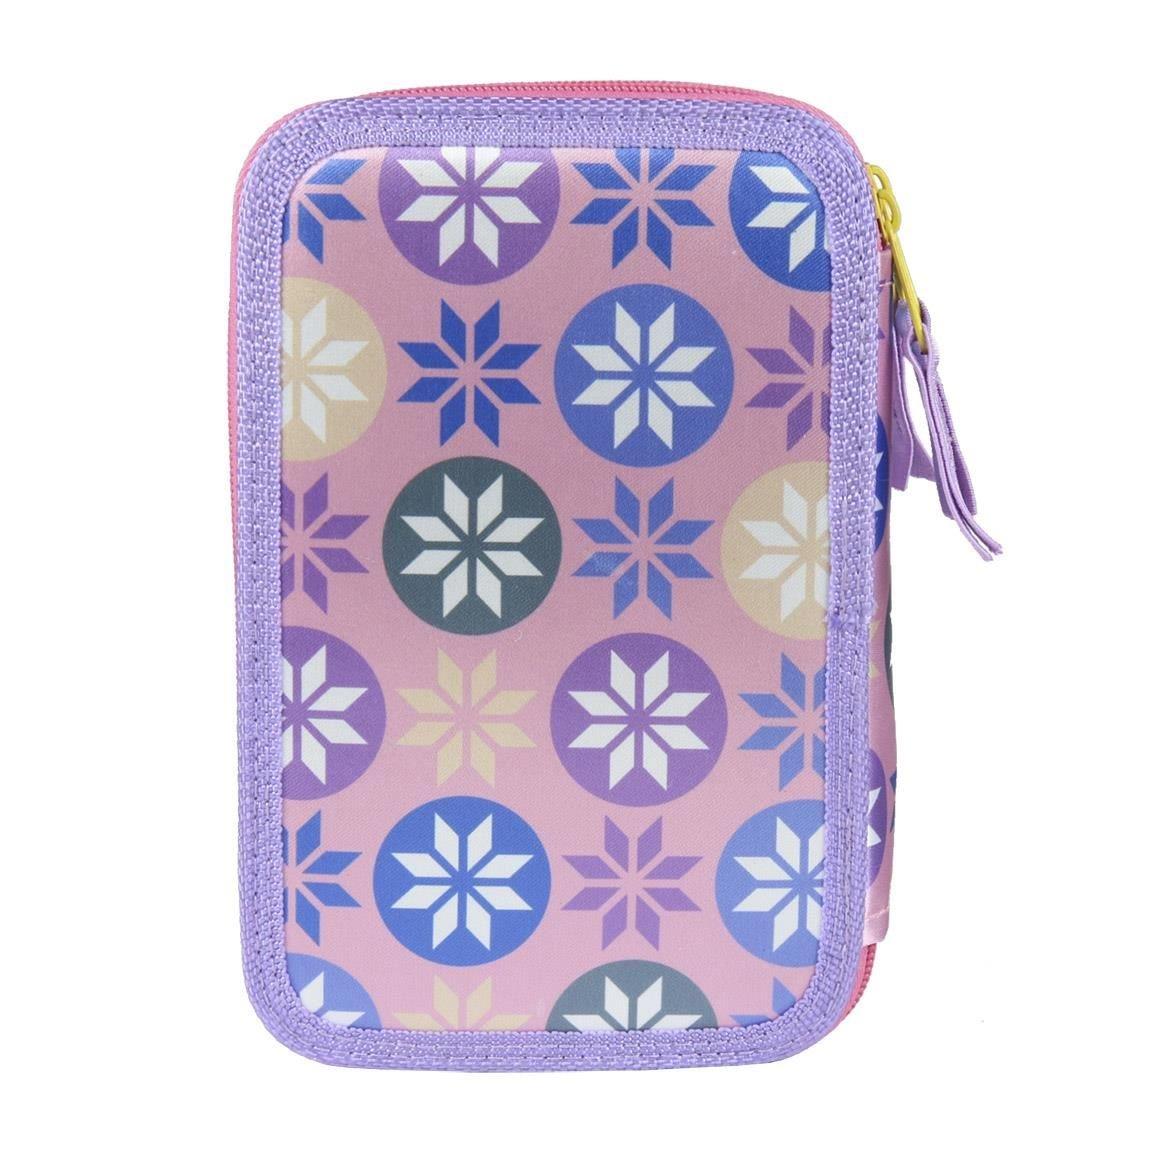 Amazon.com: Frozen - Triple Pencil Case Frozen 8546 Lilac ...